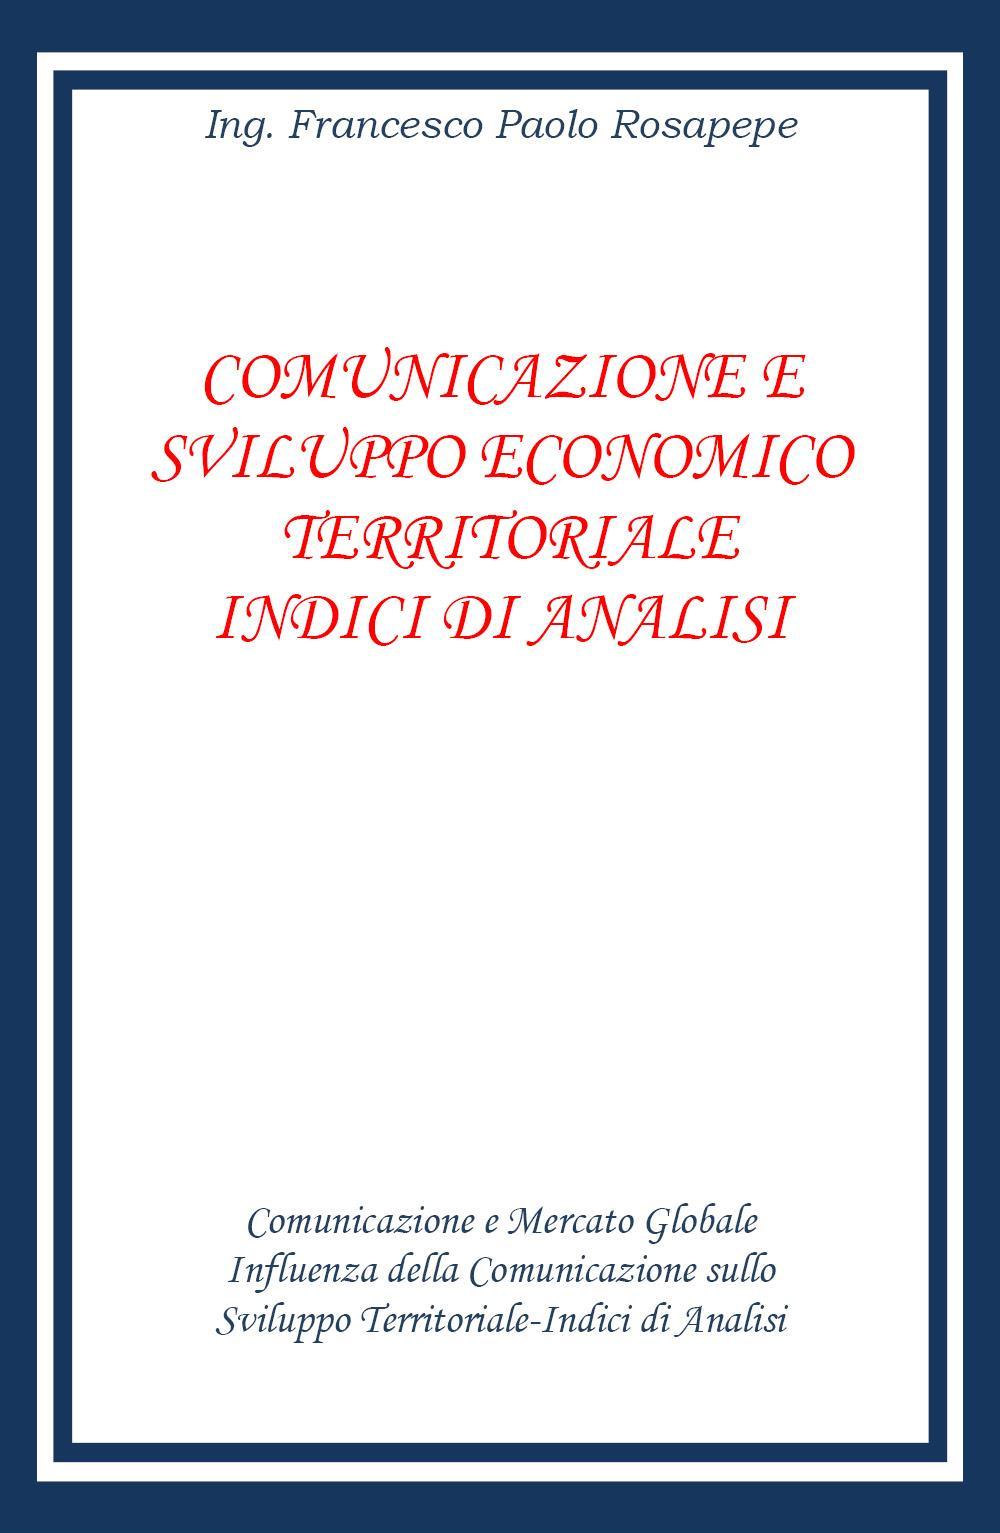 Comunicazione e sviluppo territoriale indici di analisi